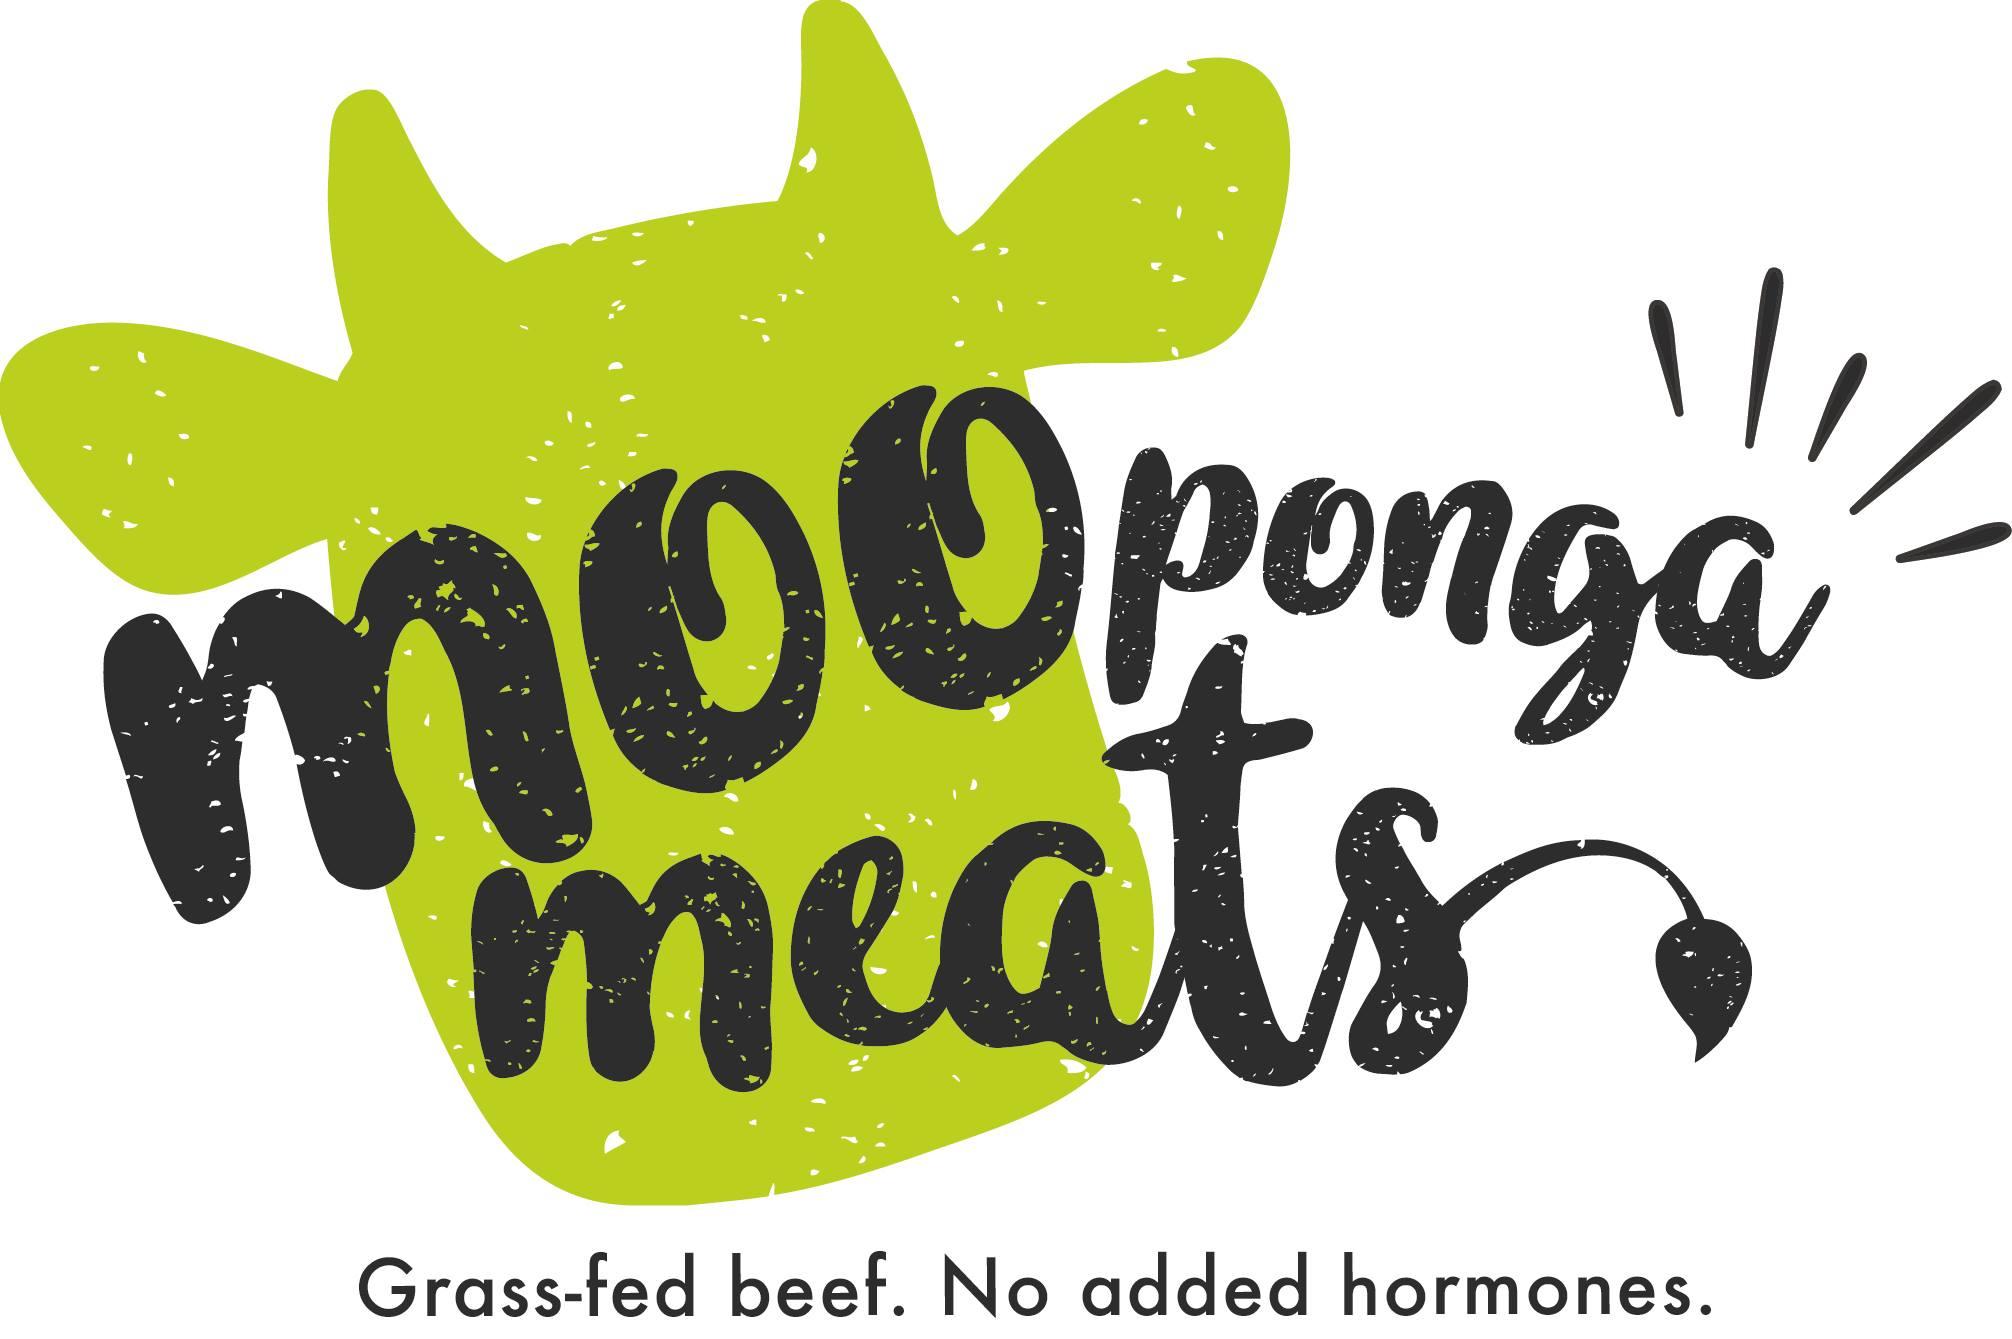 Mooponga Meats